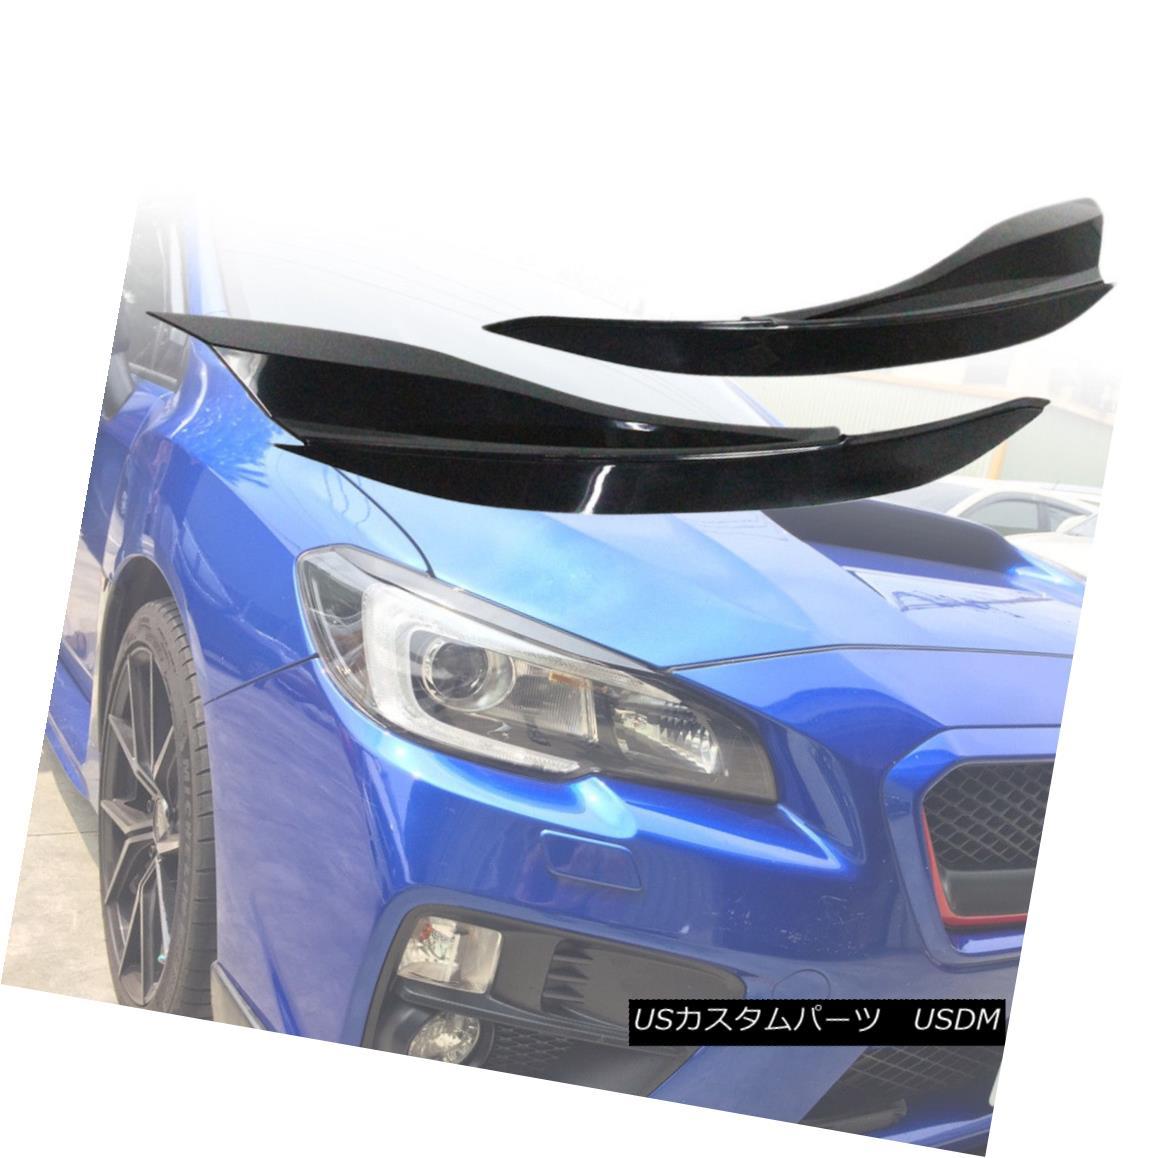 エアロパーツ Eyelids Eyebrow Headlight Cover Trim For Subaru WRX4 STI Sedan ABS Paint Color Subaru WRX4 STIセダンABSペイントカラーのためのまぶたの眉毛ヘッドライトカバートリム